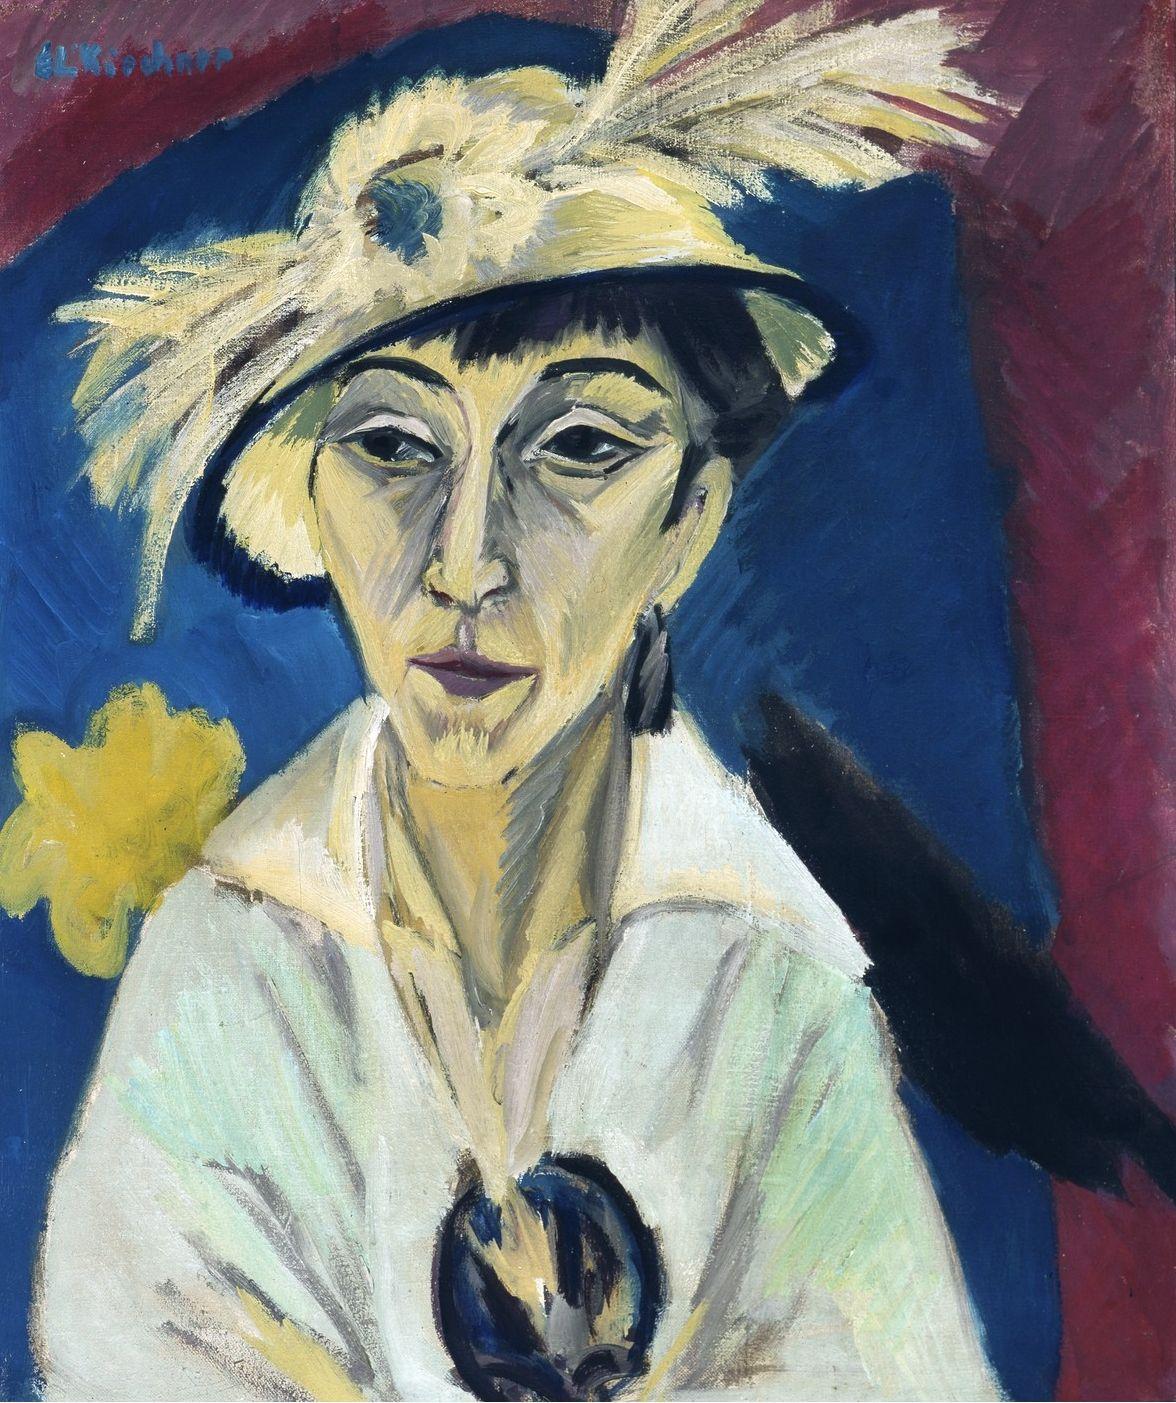 german expressionists ernst ludwig kirchner portrat der erna schilling 1913 entartete kunst idee farbe portratmalerei moderne skulpturen kaufen acryl